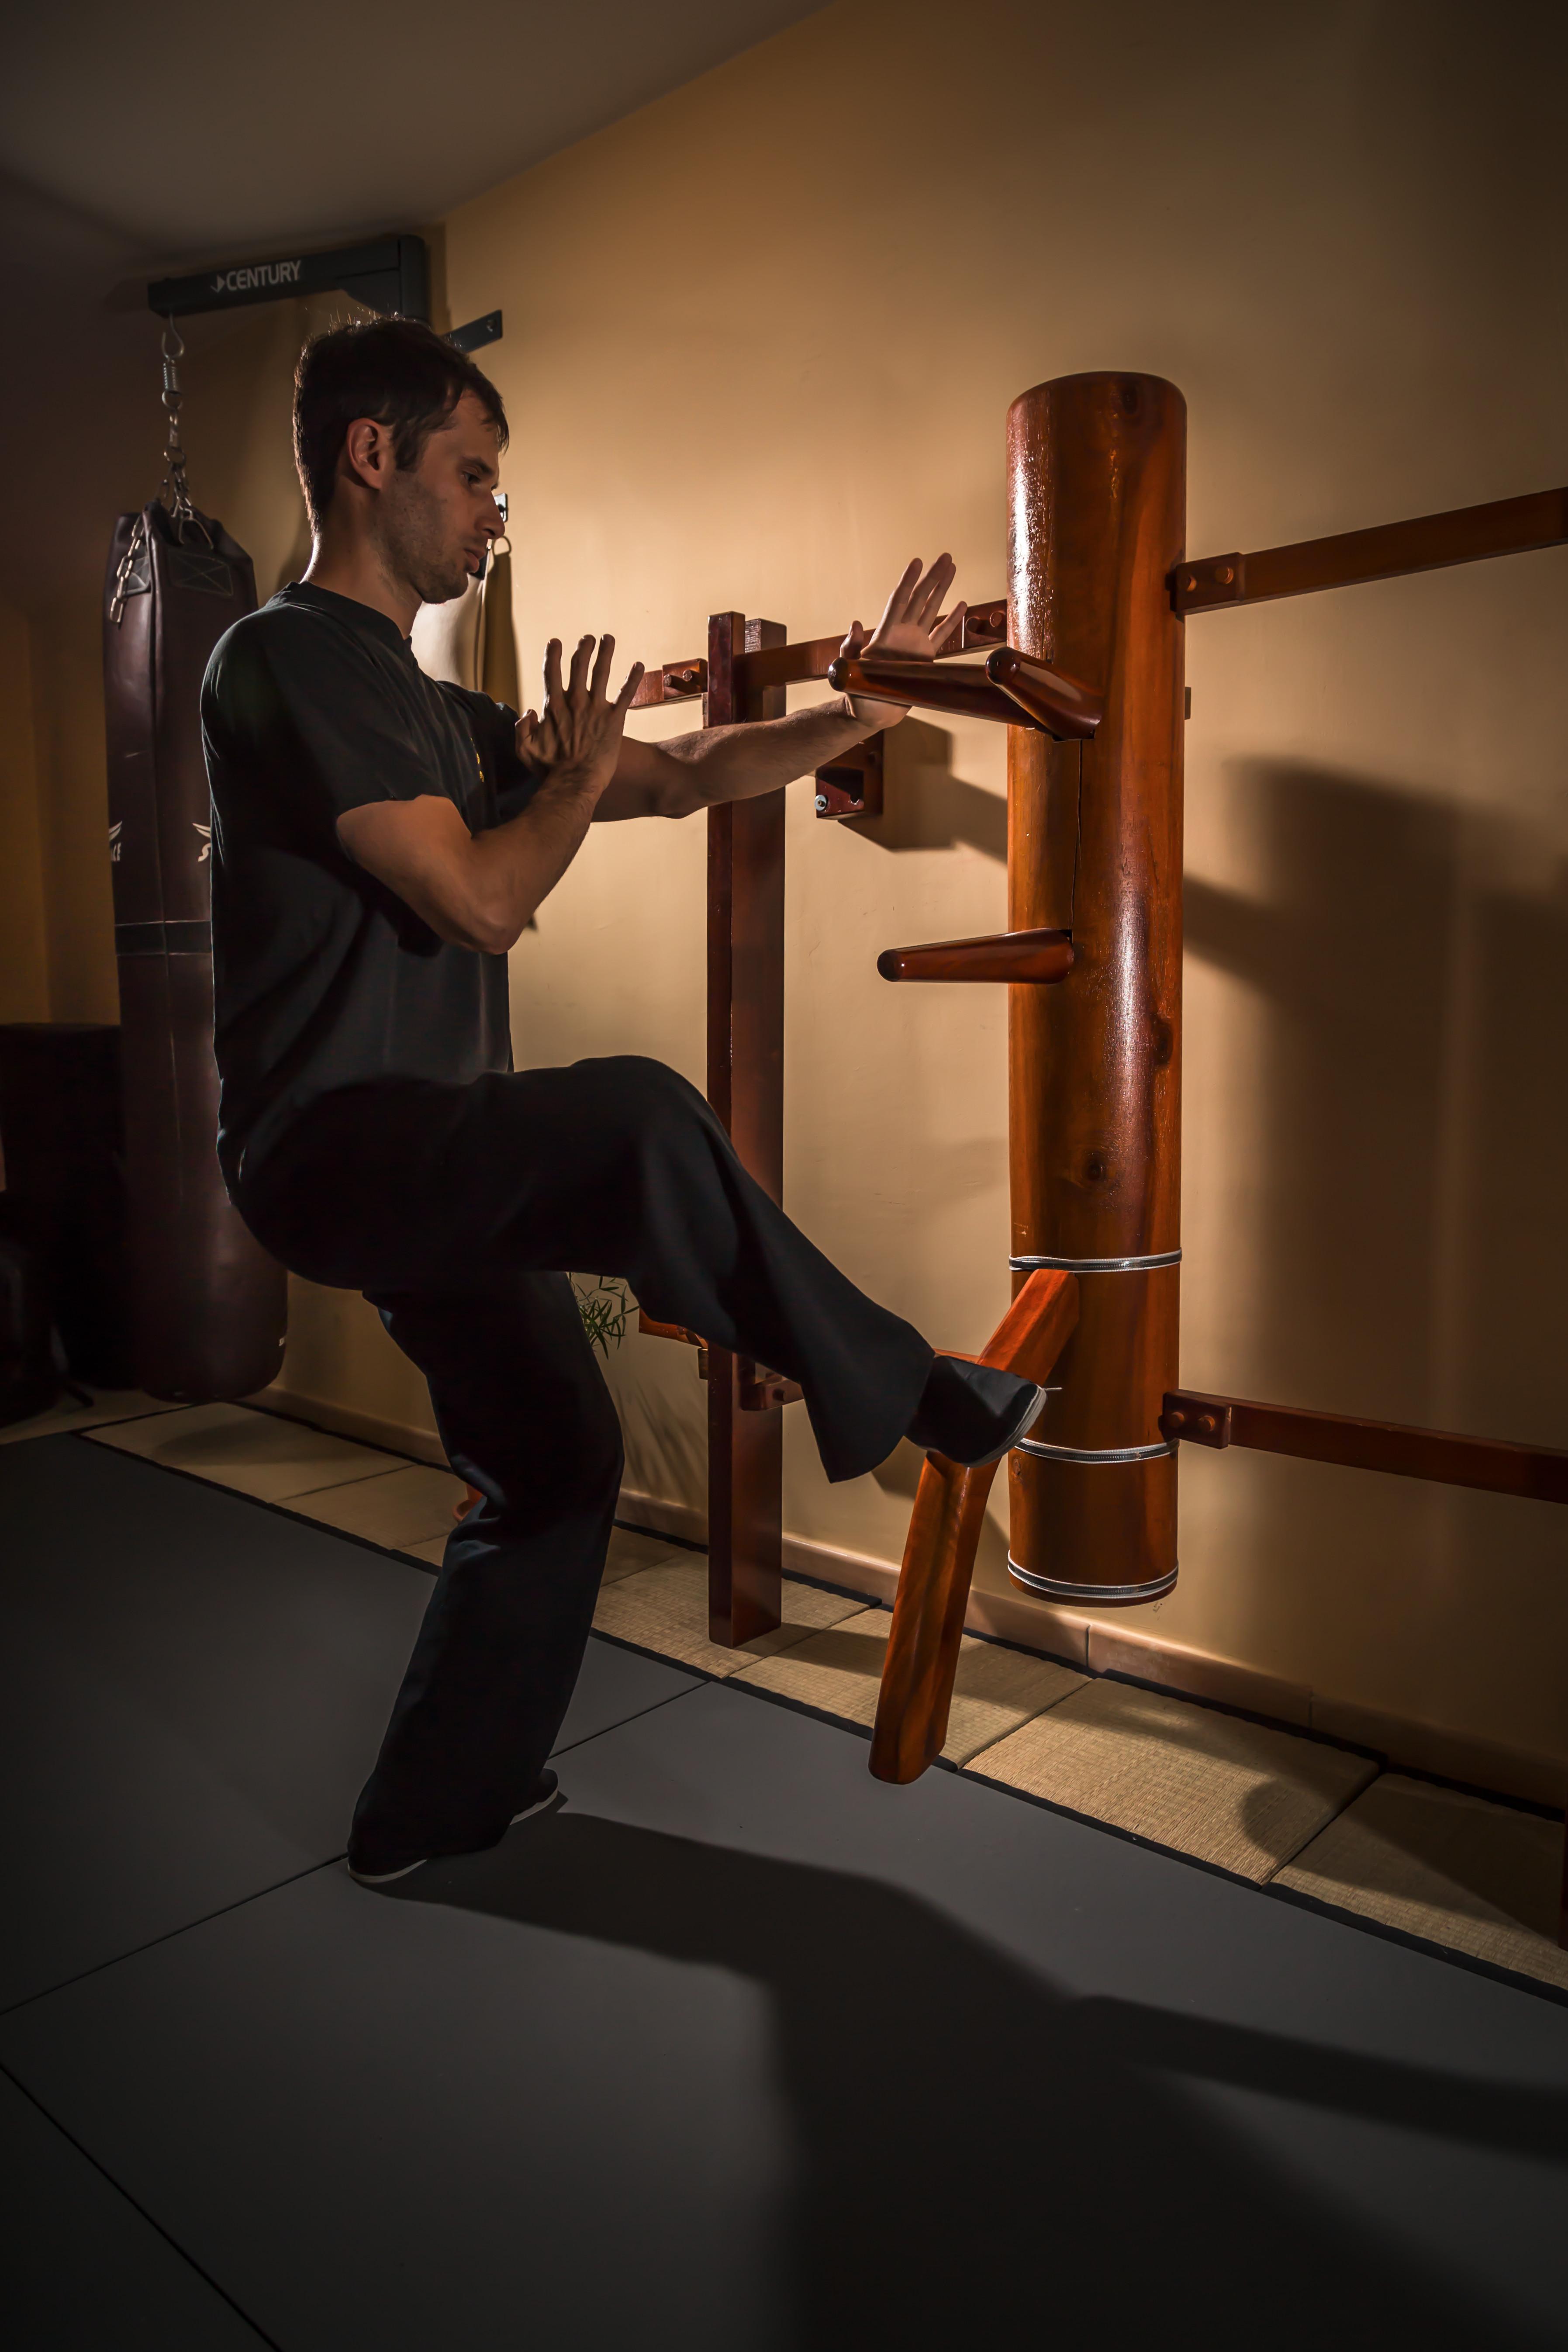 Le maître s'exerçant avec le mannequin de bois